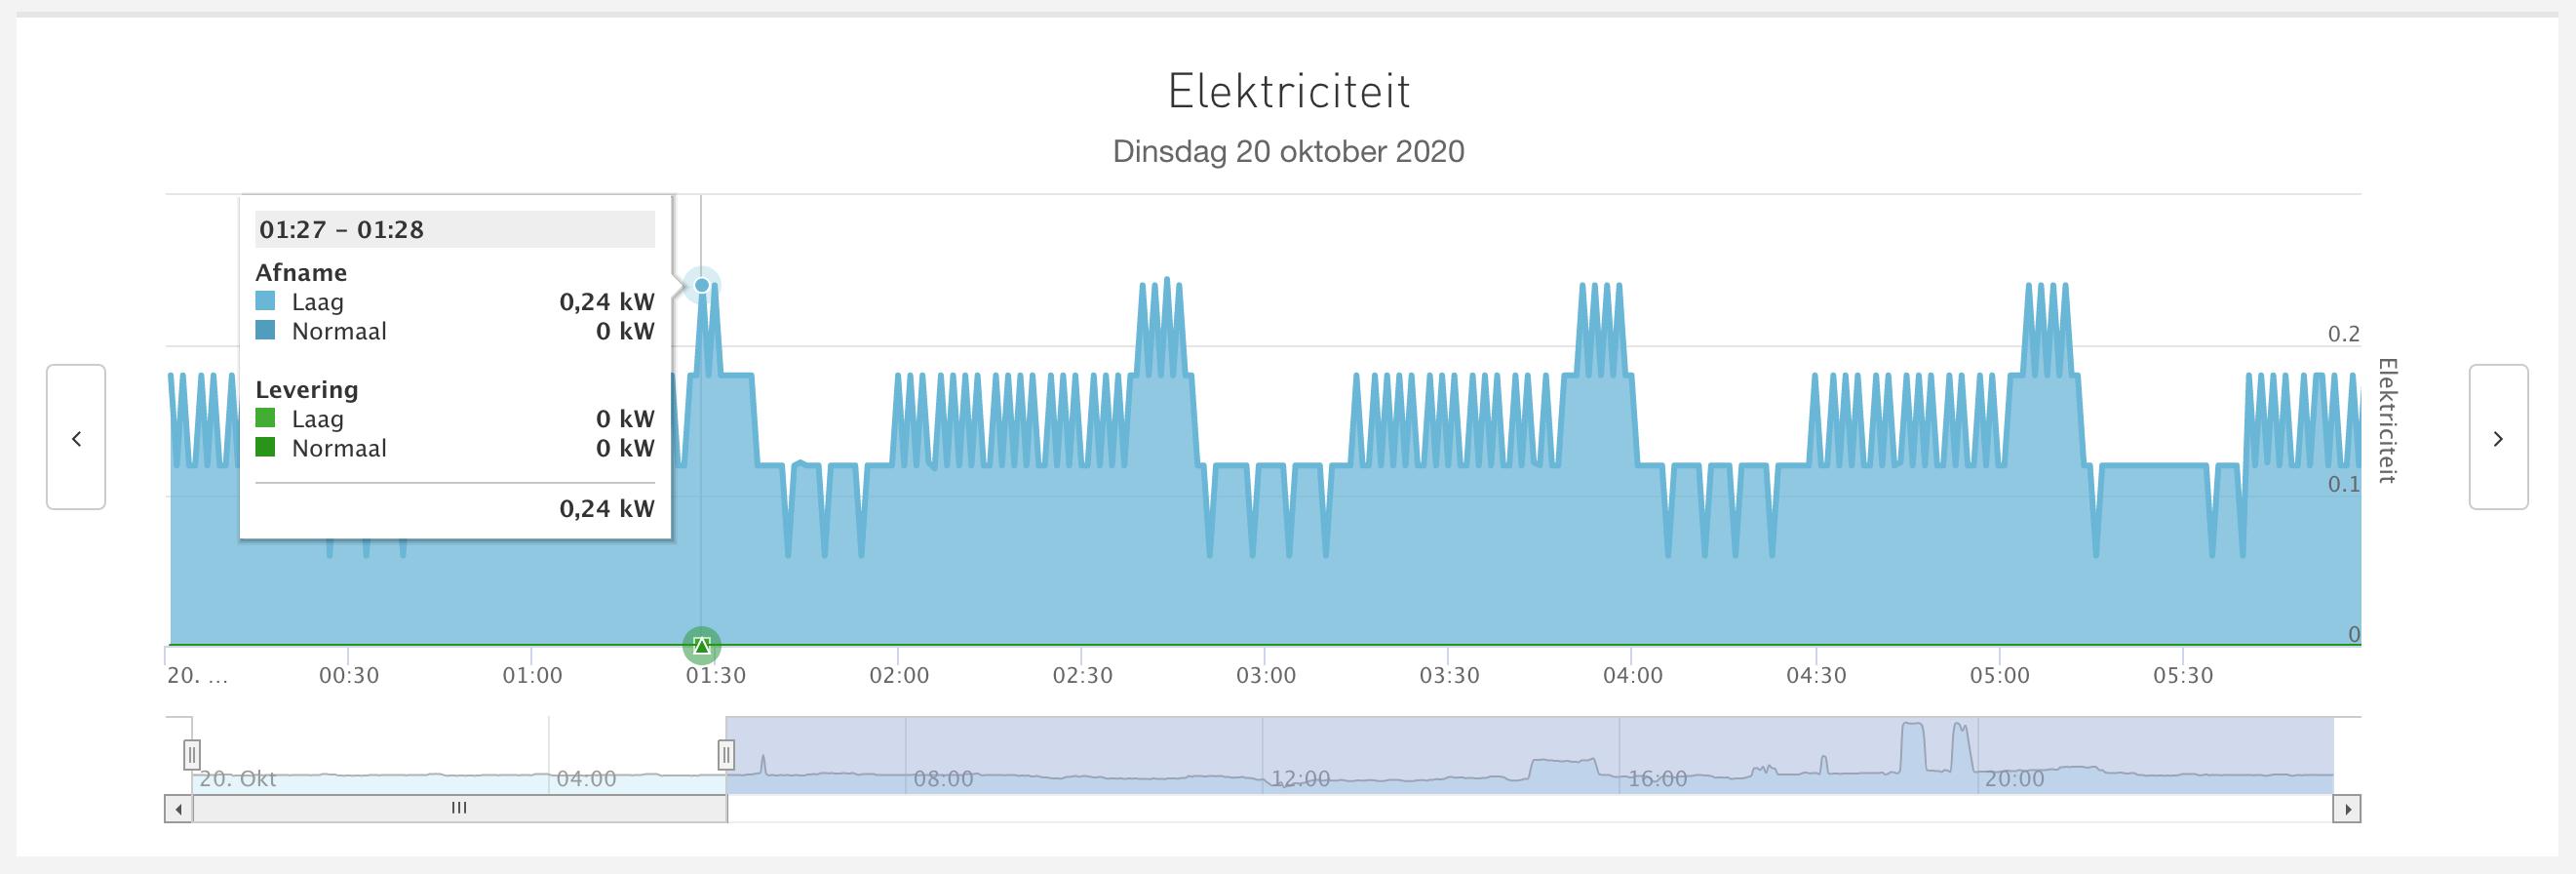 elektra verbruik vroege ochtend 20 oktober 2020